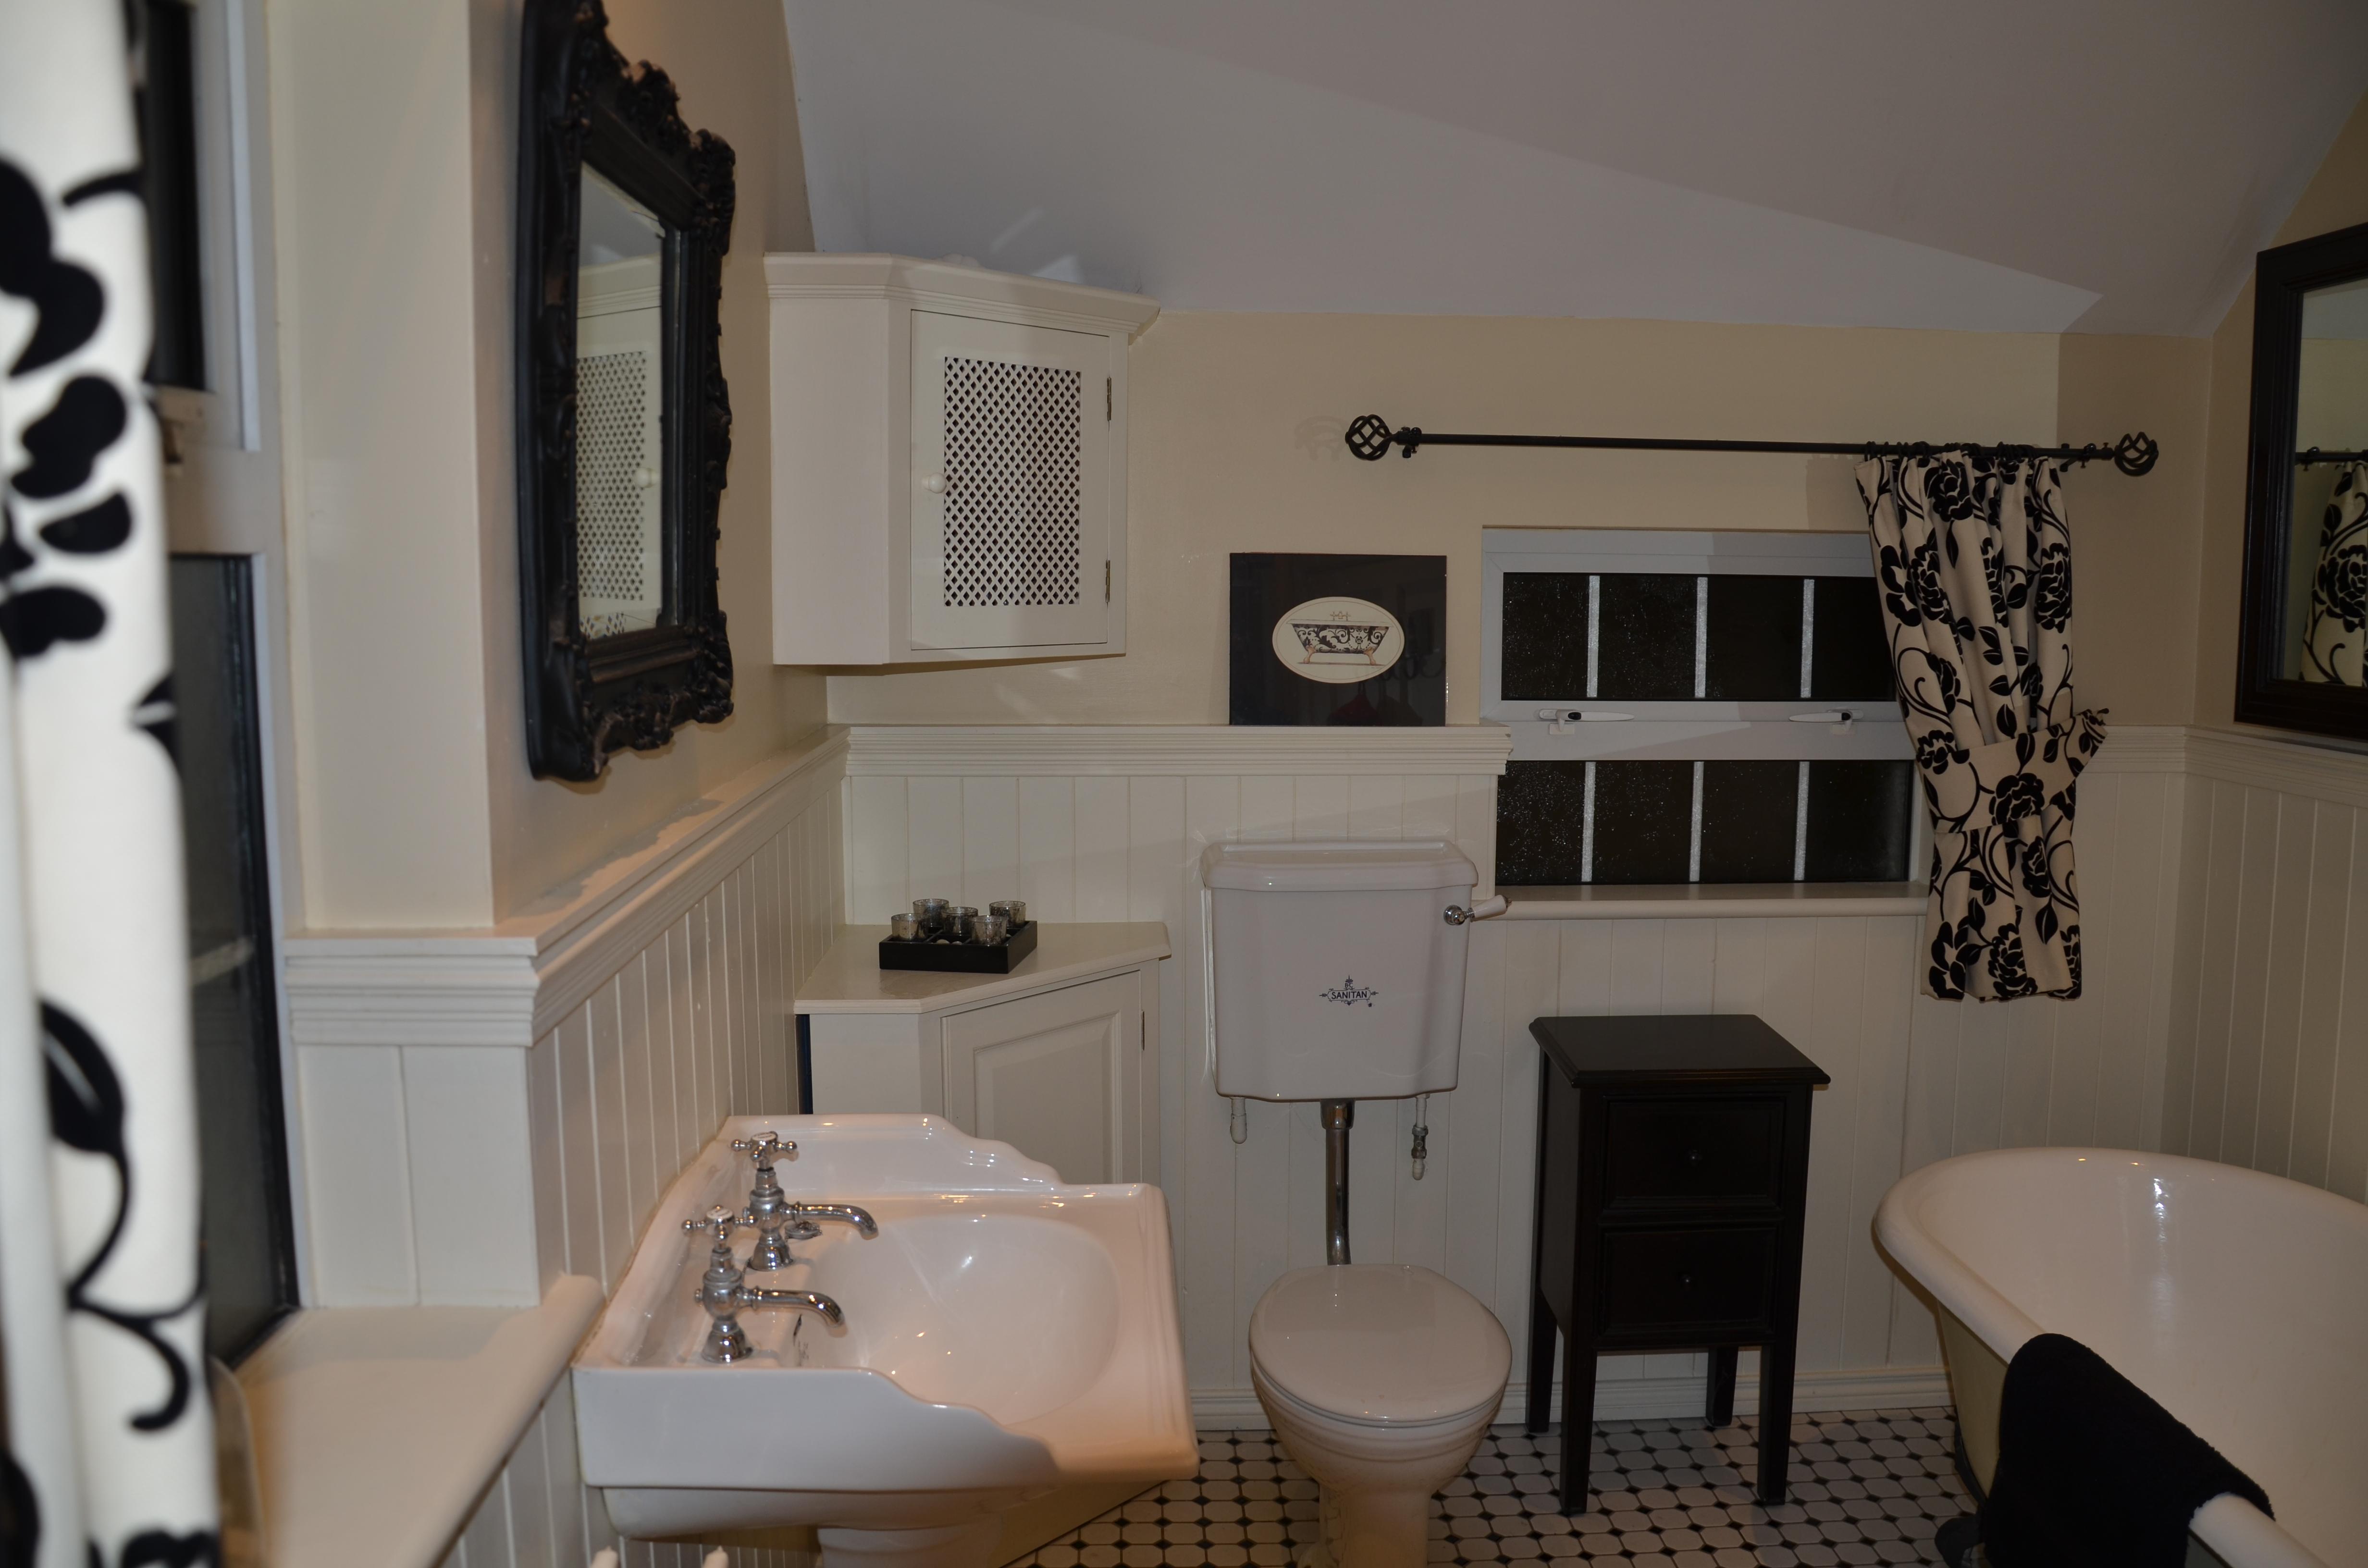 Cream Bathroom with Curtains